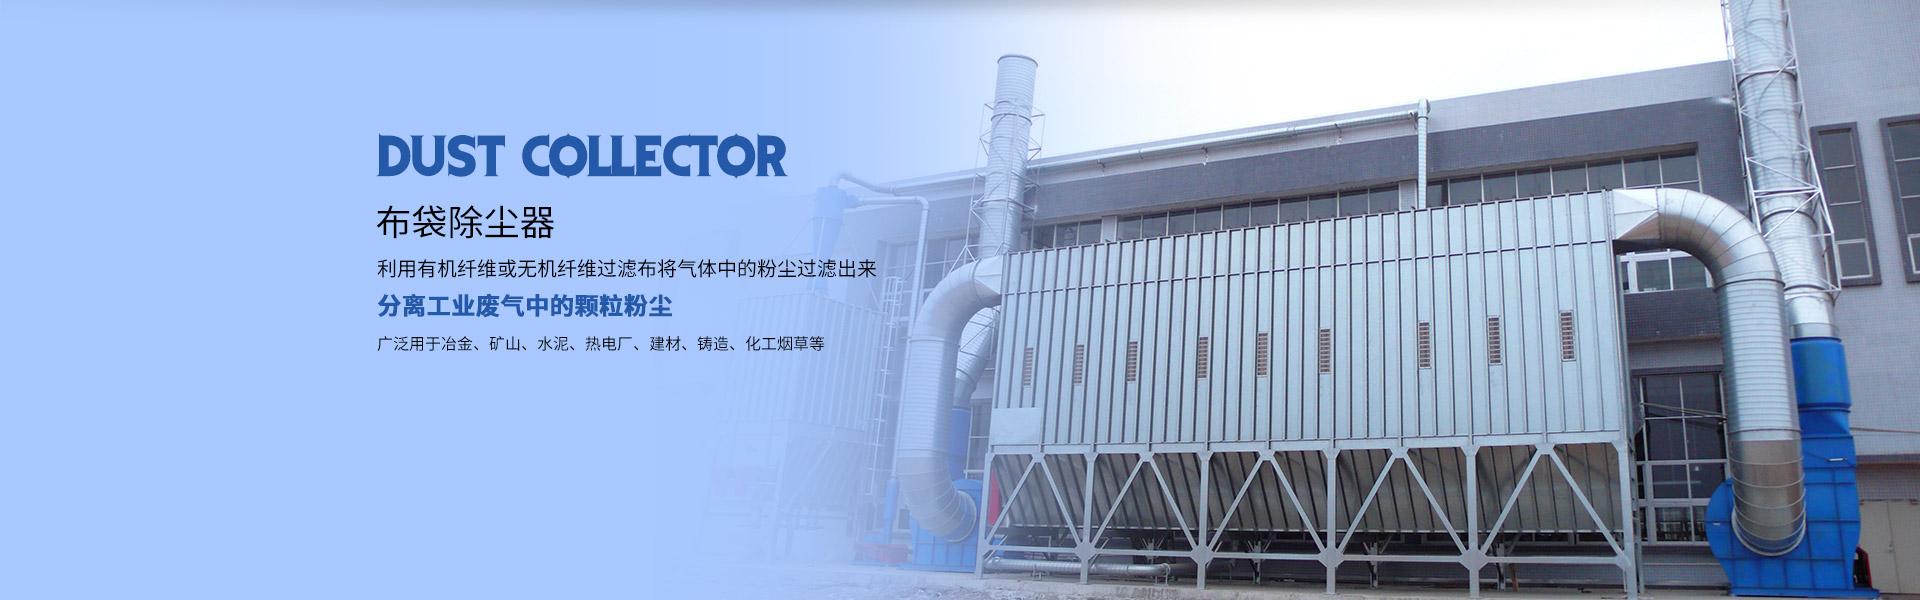 废气处理设备厂